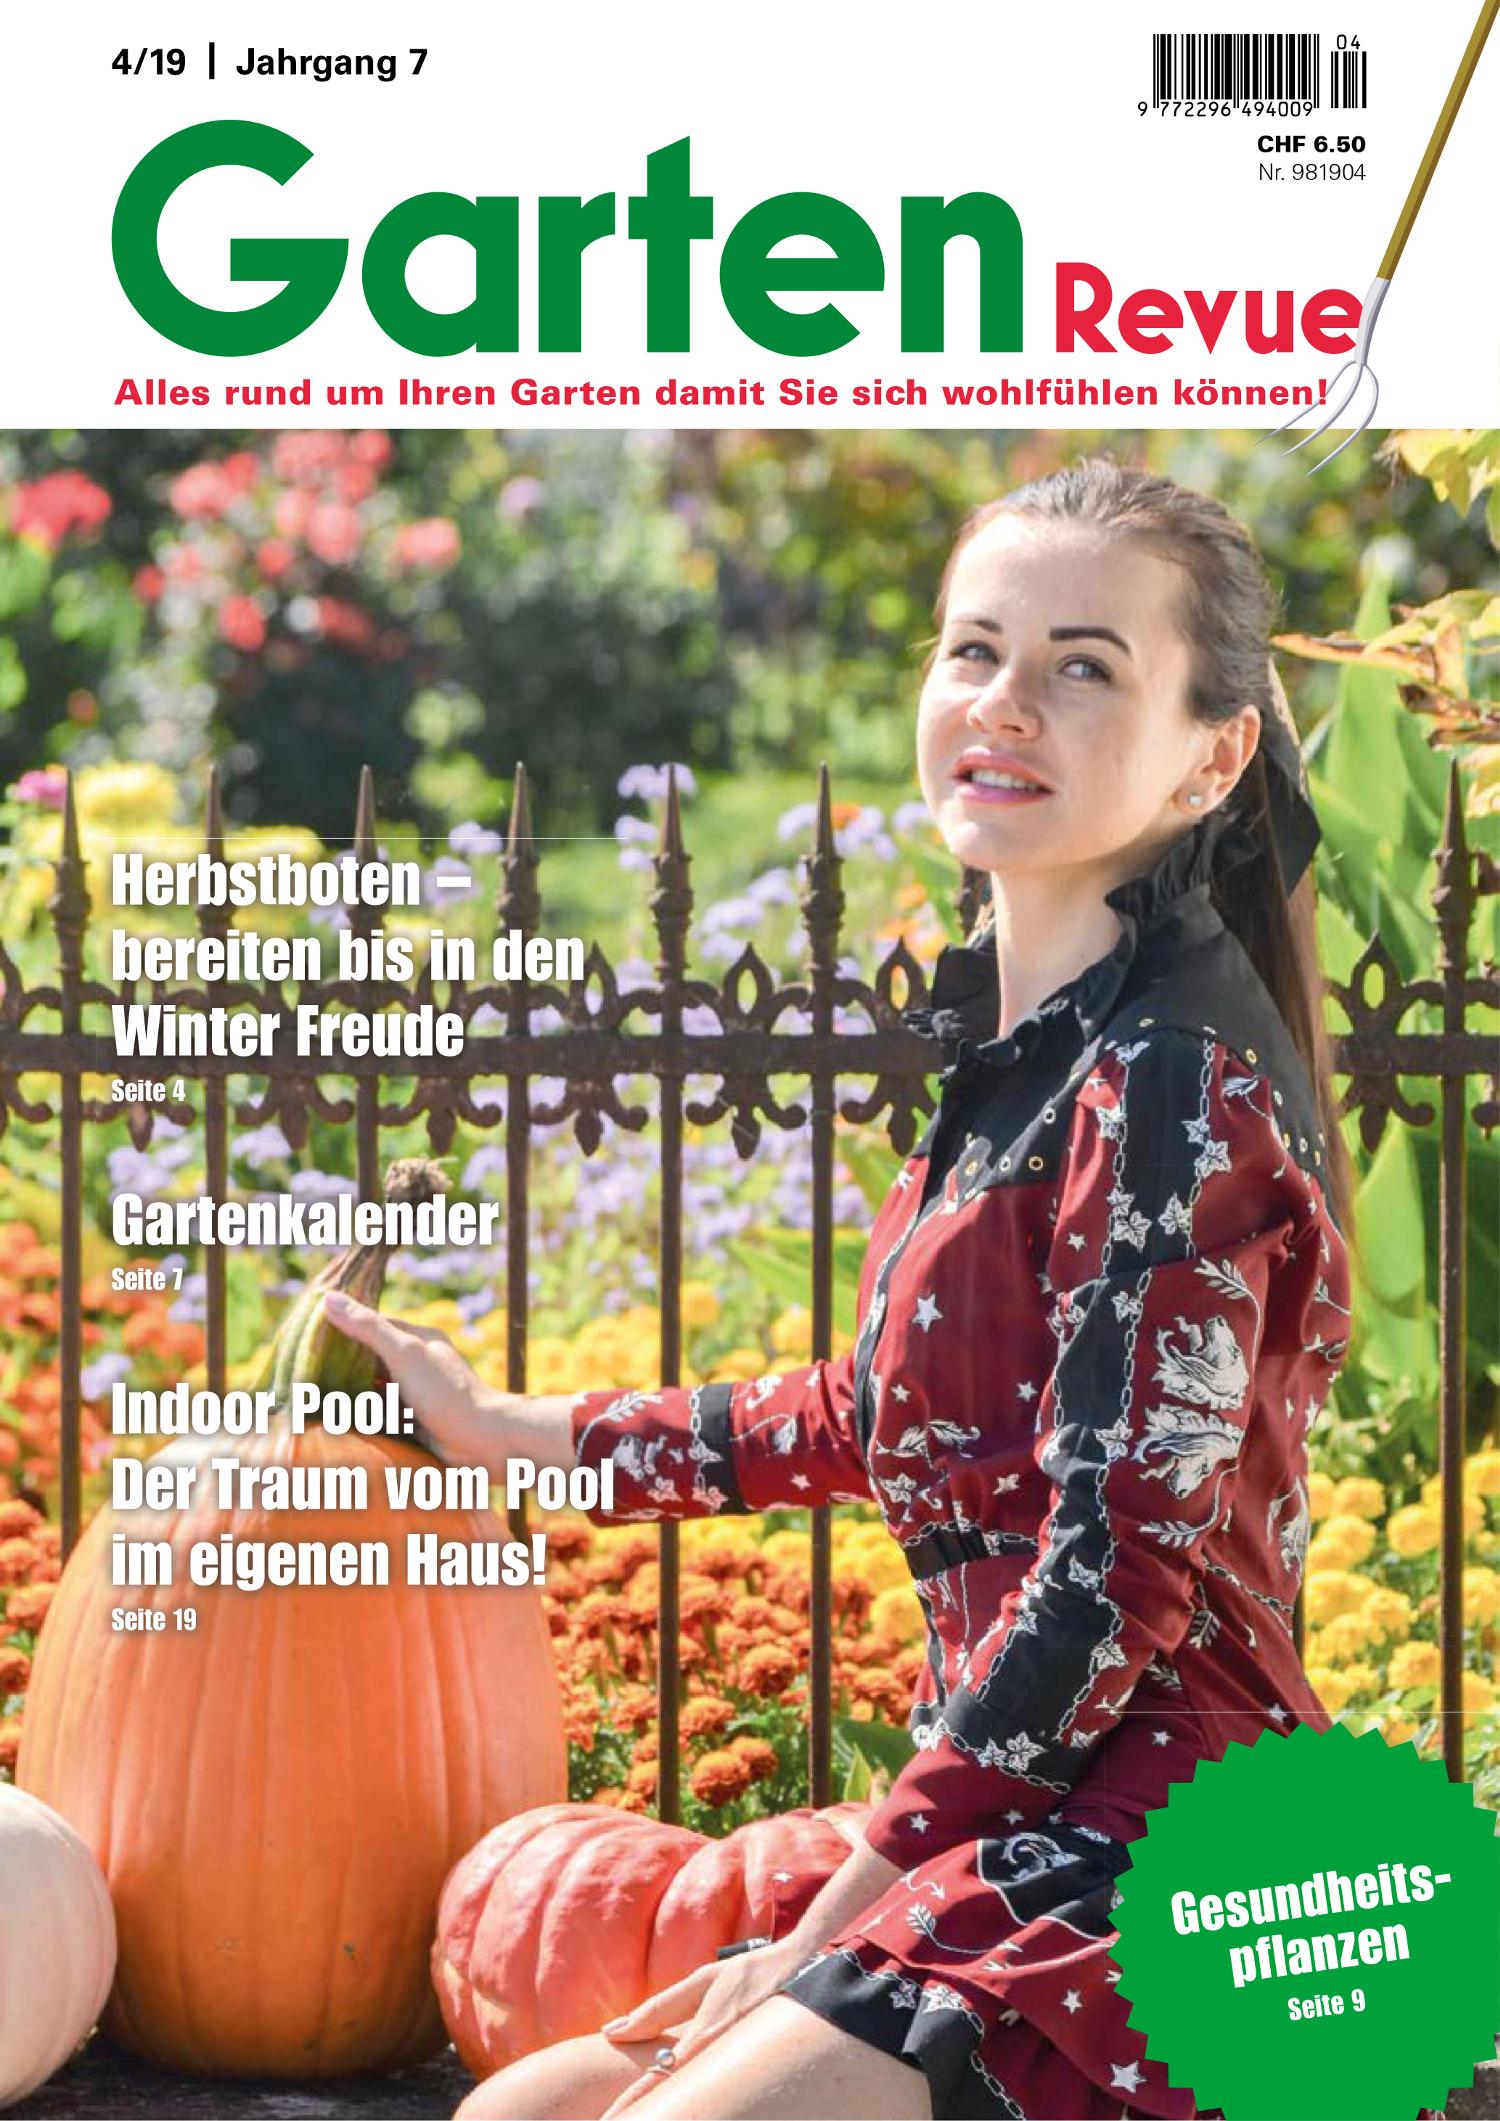 GartenRevue 4-19